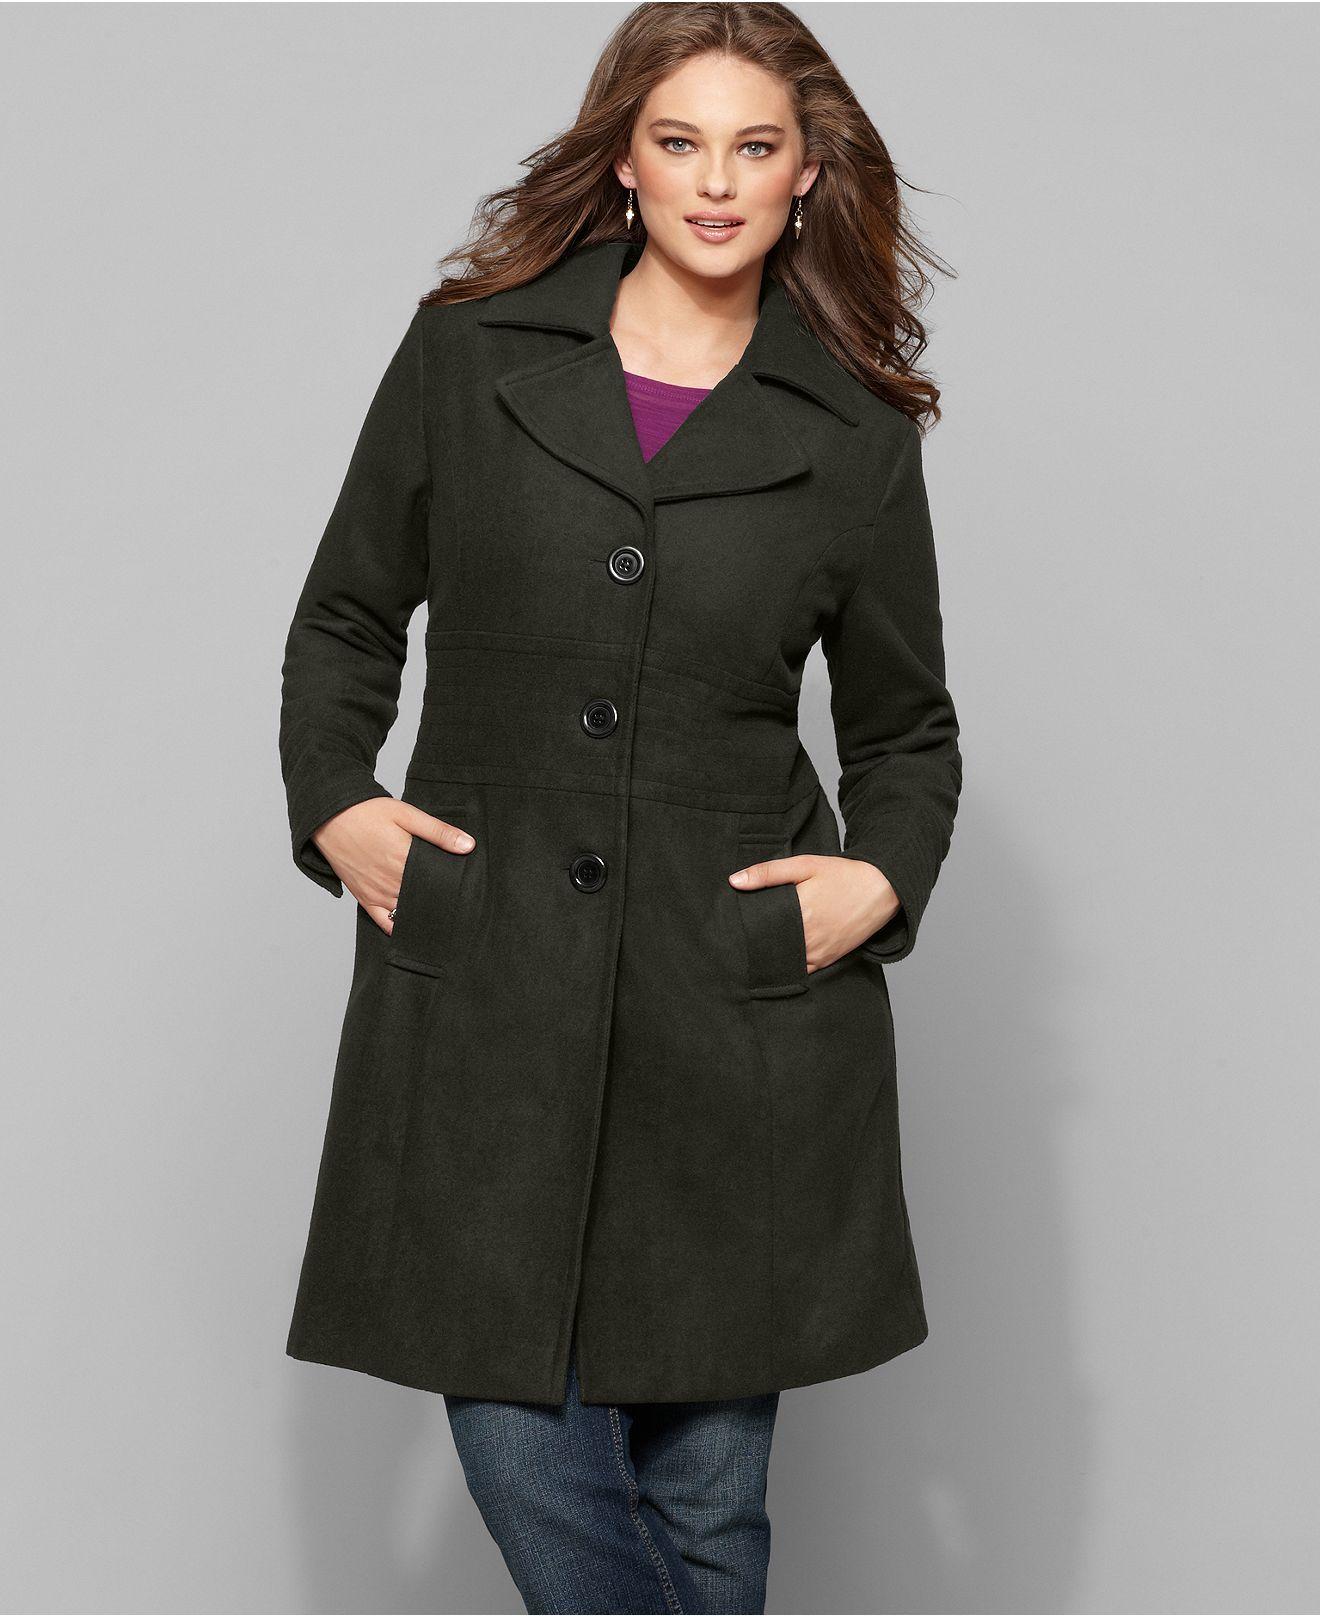 Dollhouse Single Breasted Pea Coat Plus Size Coats Winter Coats Women Plus Size Winter [ 1616 x 1320 Pixel ]